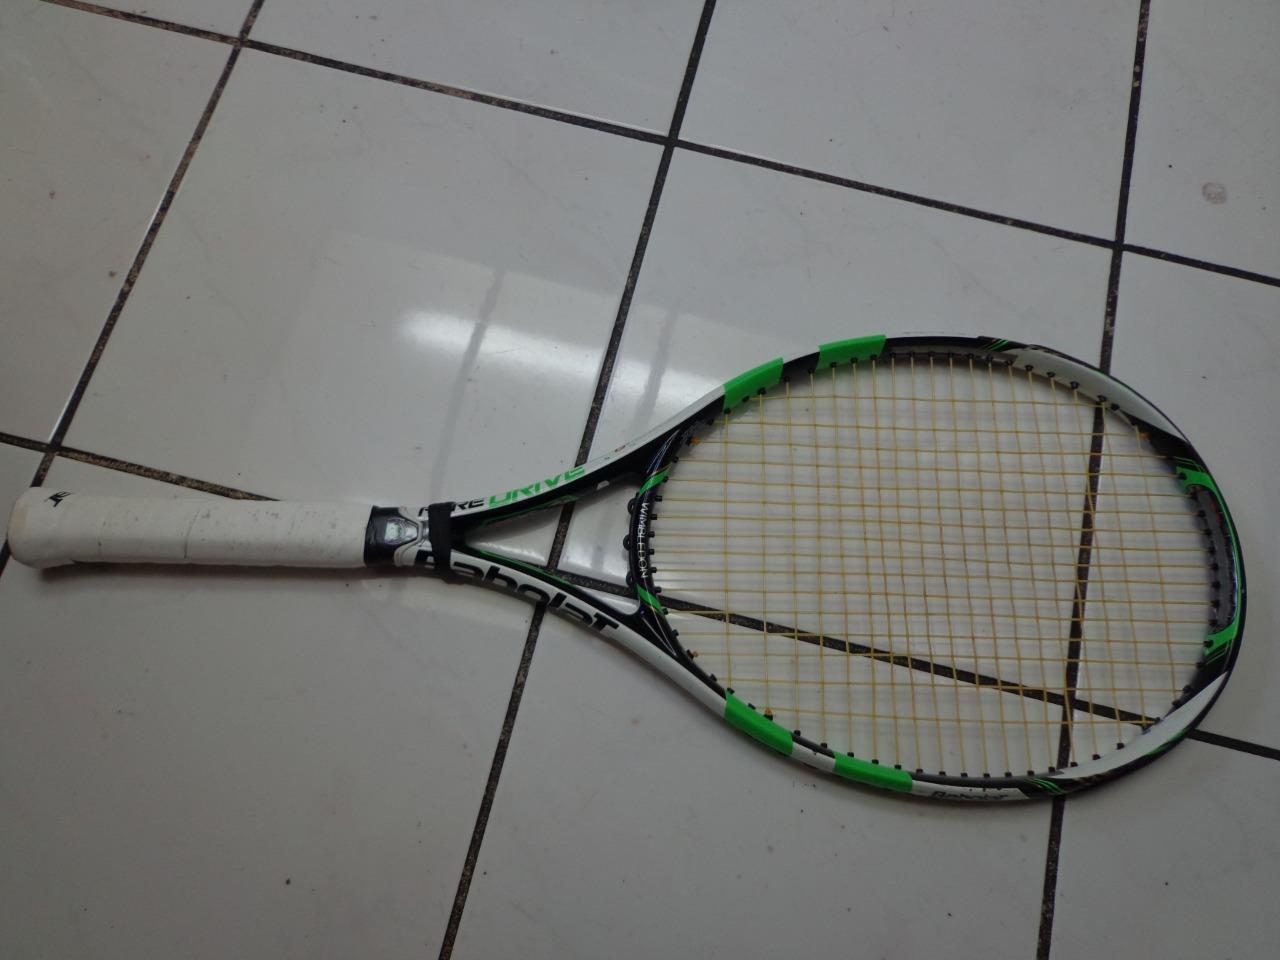 Babolat Pure Drive Wimbledon versión 100 cabeza 4 3 8 Grip Tenis Raqueta